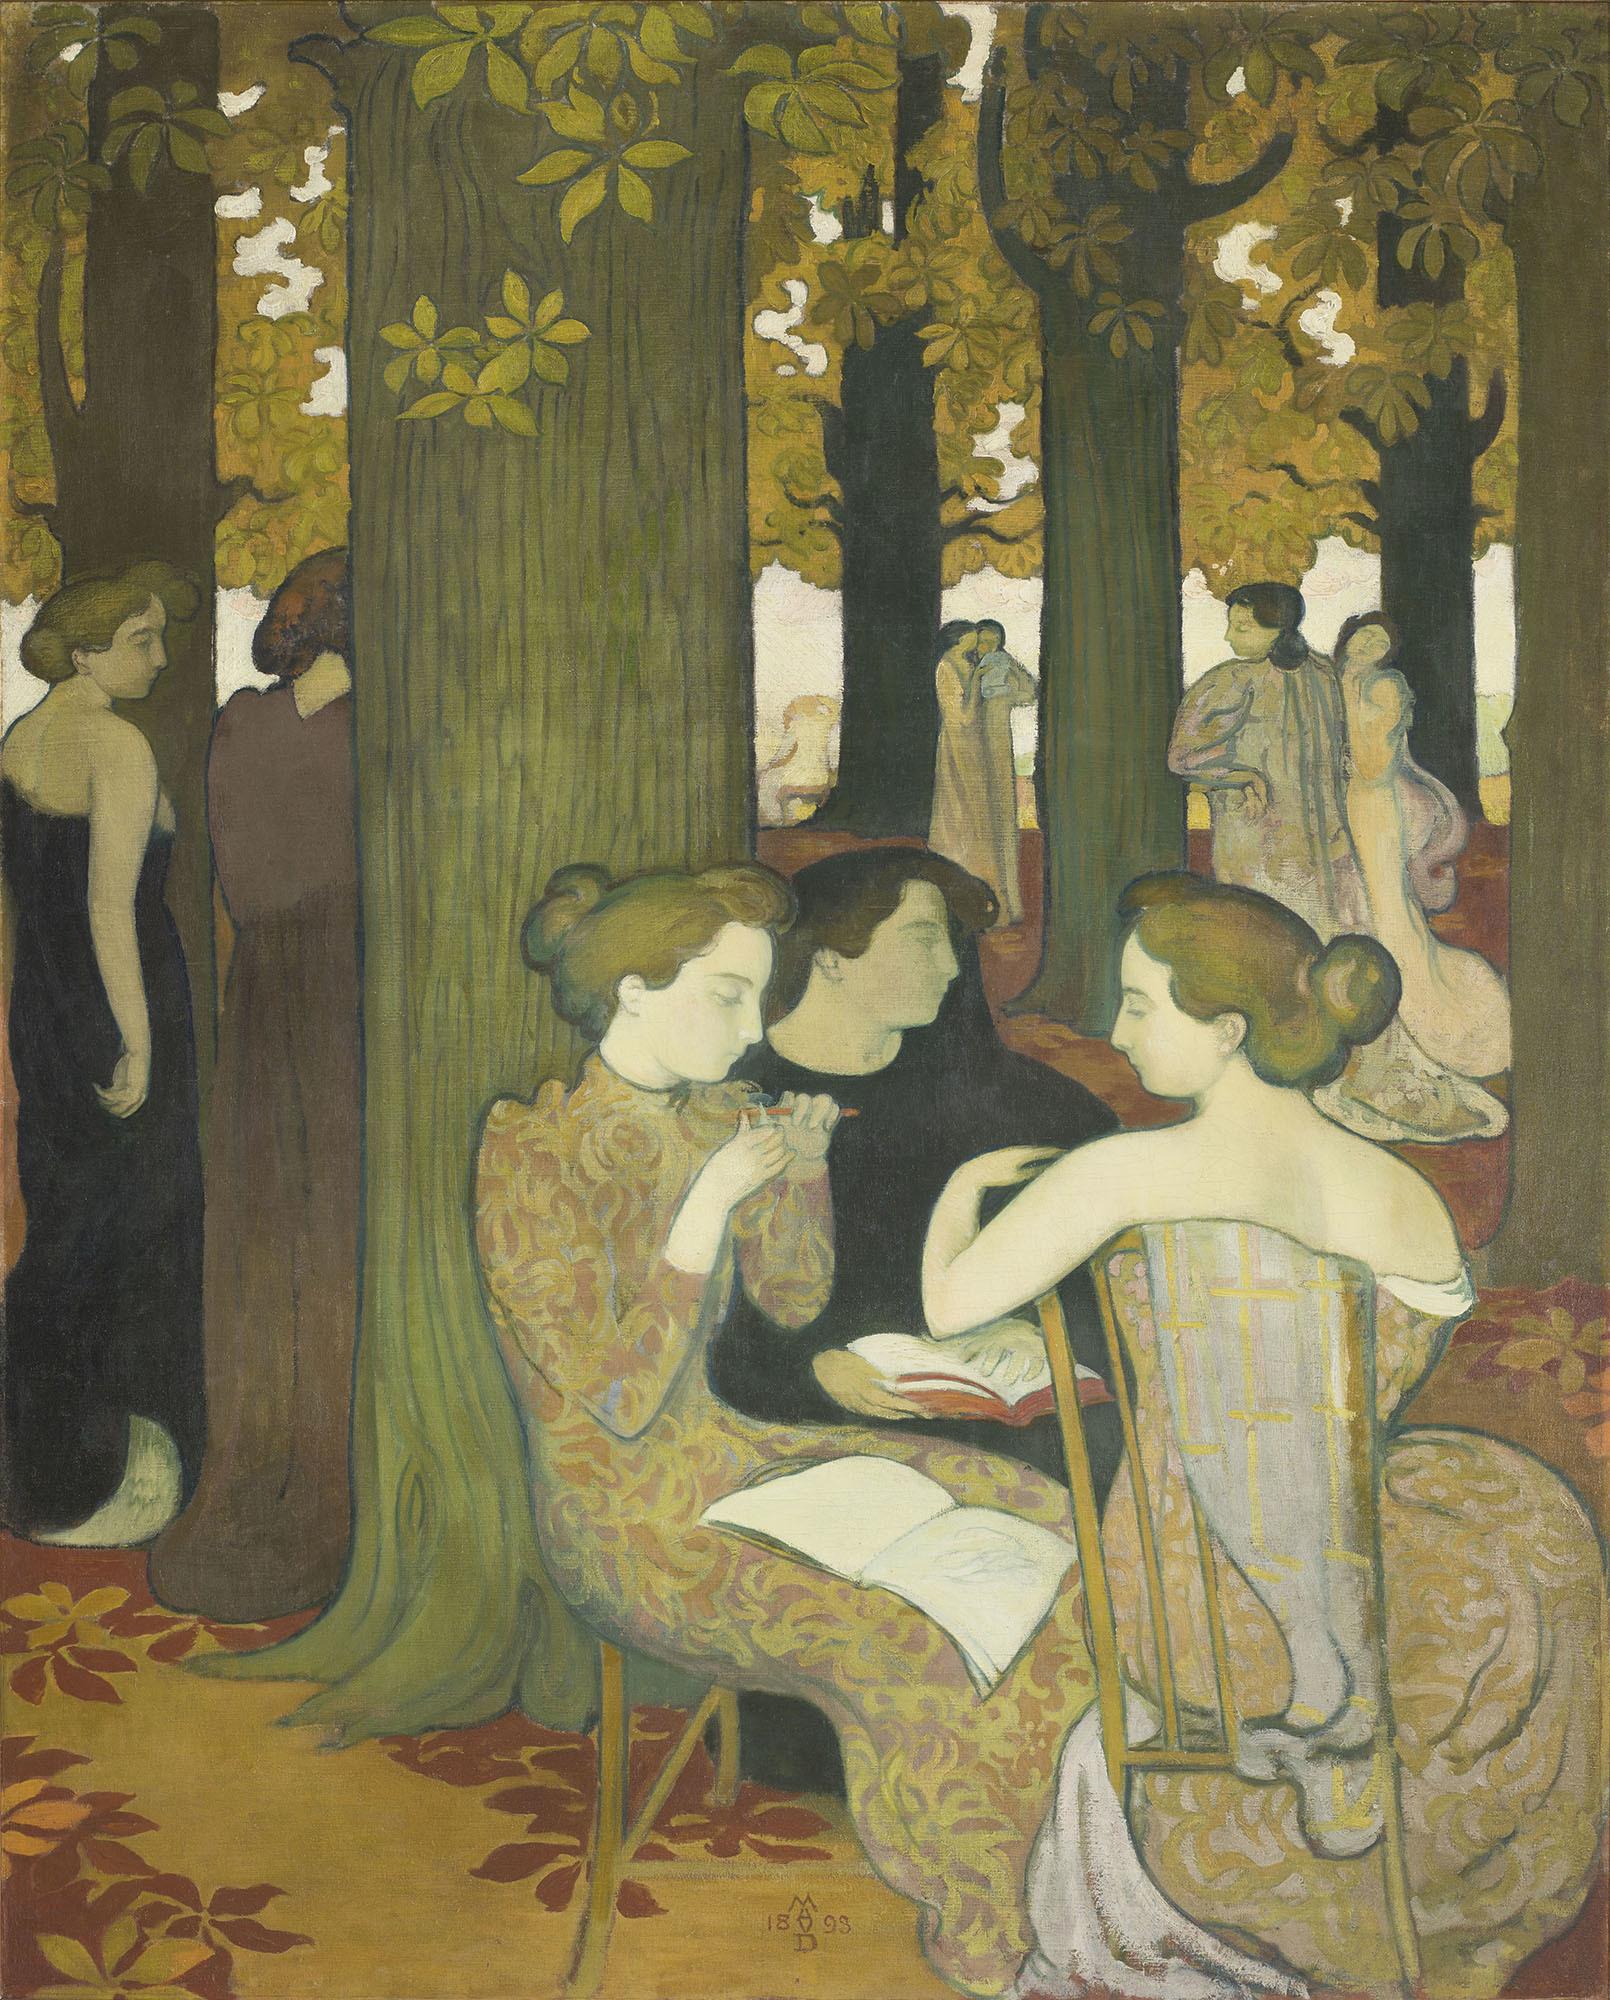 モーリス・ドニ 《ミューズたち》 1893年 油彩/カンヴァス © Musée d'Orsay, Dist. RMN-Grand Palais / Patrice Schmidt / distributed by AMF